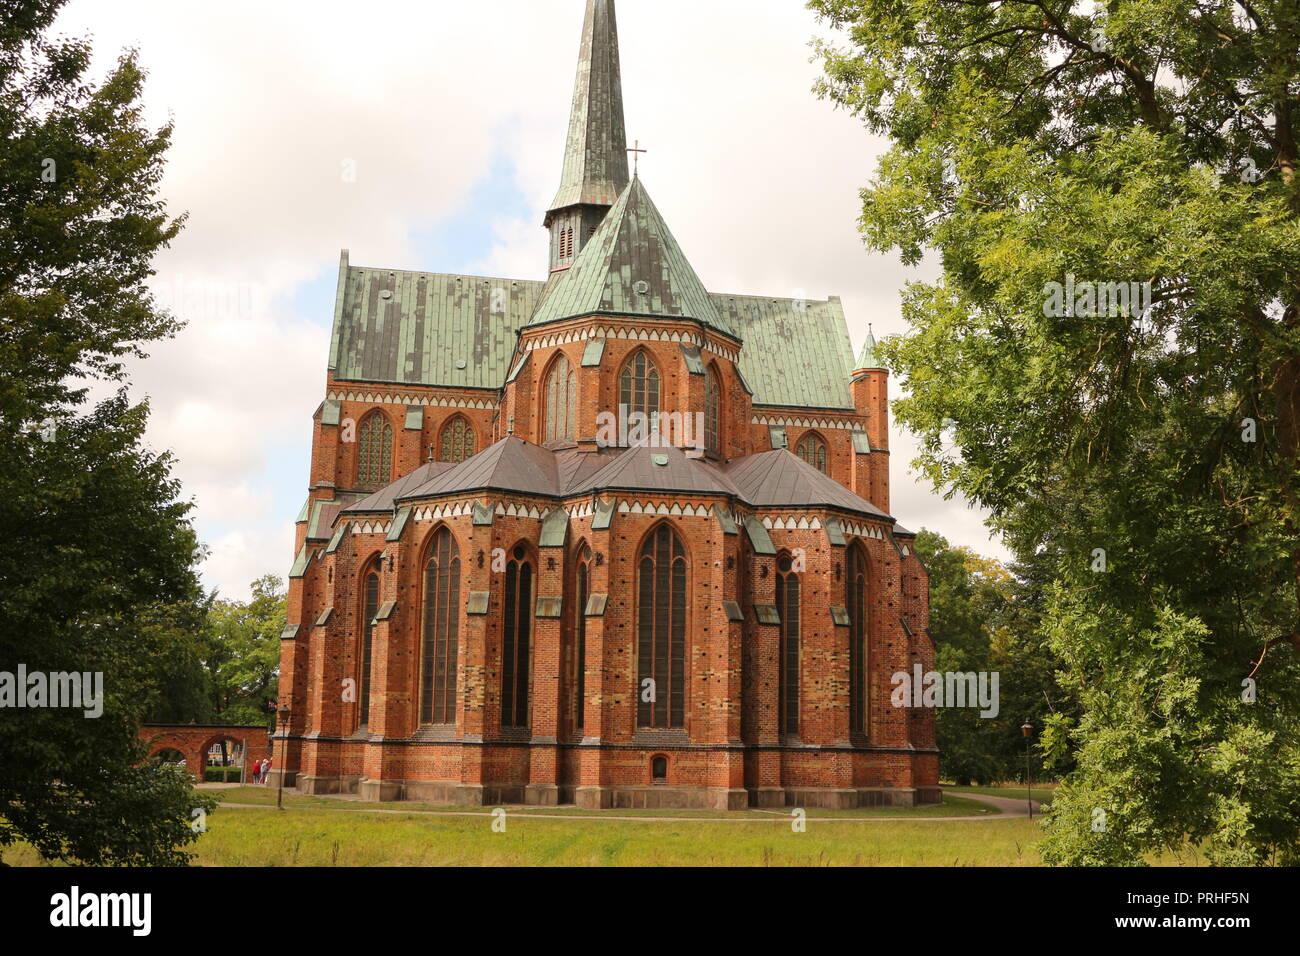 Die ehemalige Klosterkirche in Bad Doberan - Stock Image